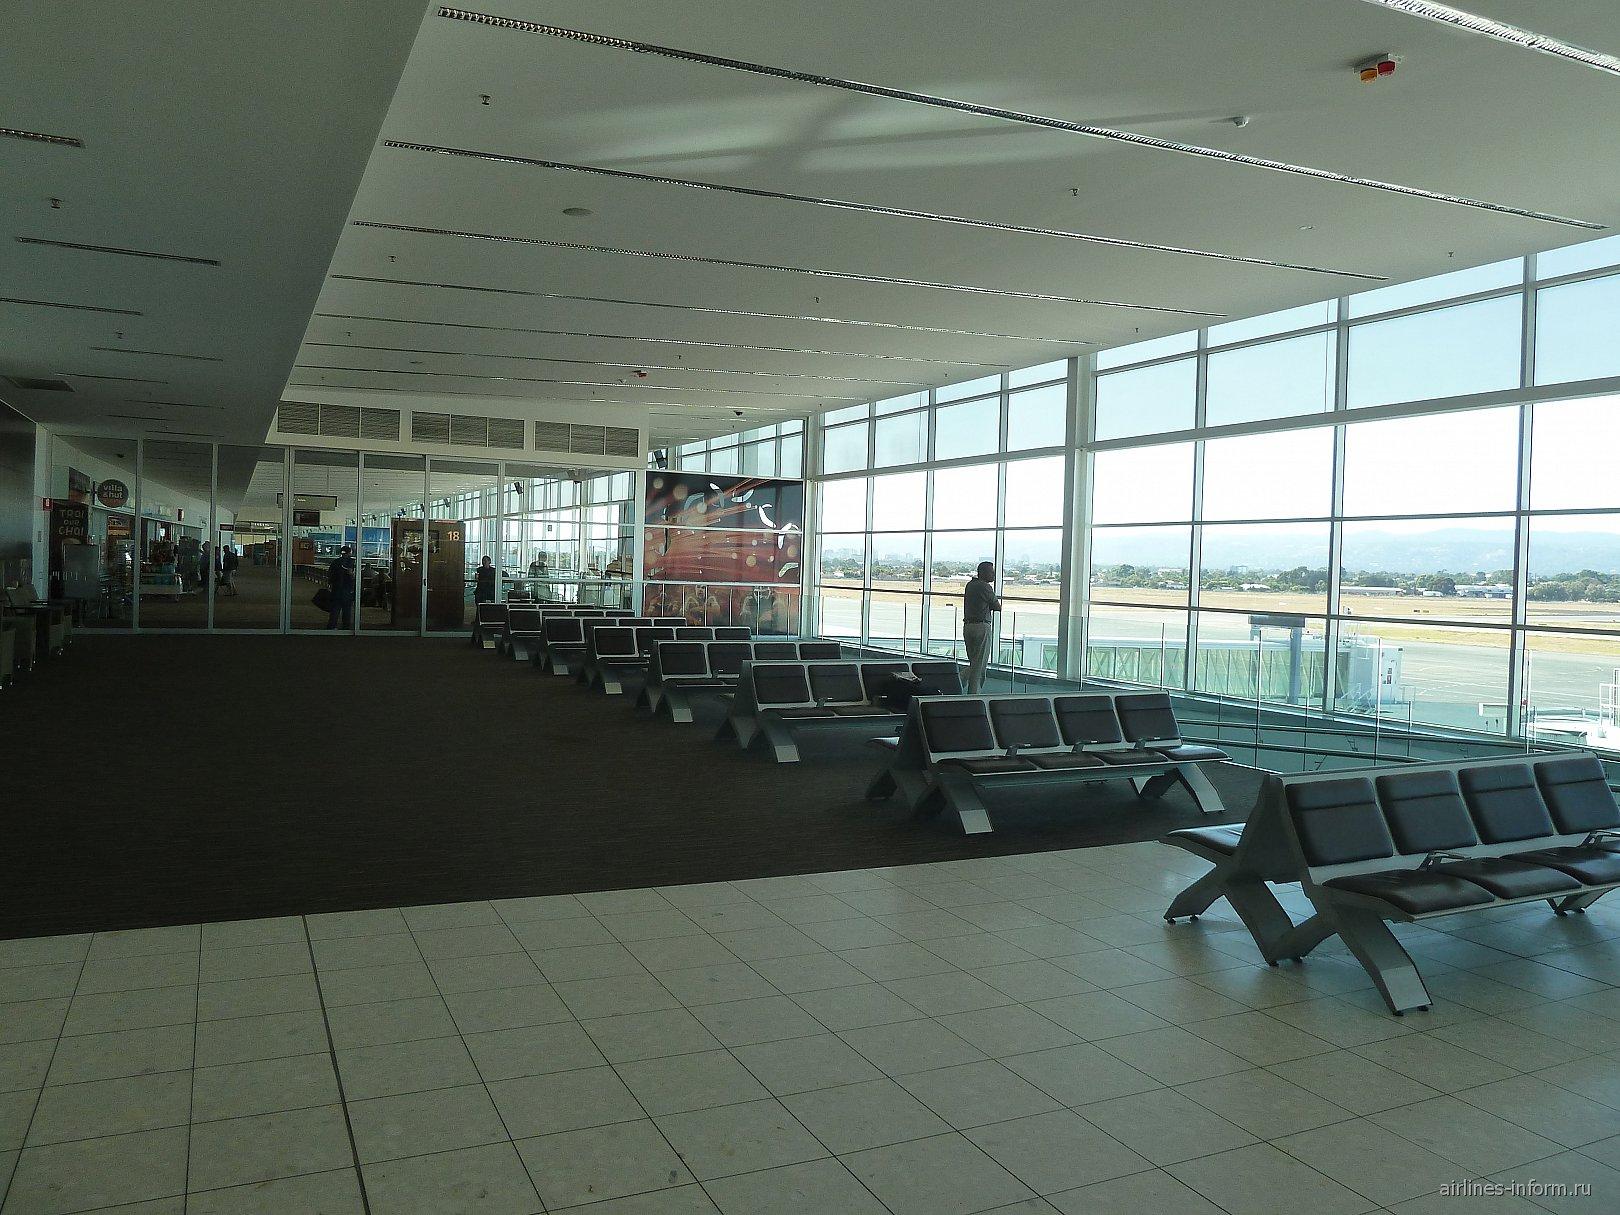 Залы ожидания с выходами на посадку в аэропорту Аделаида